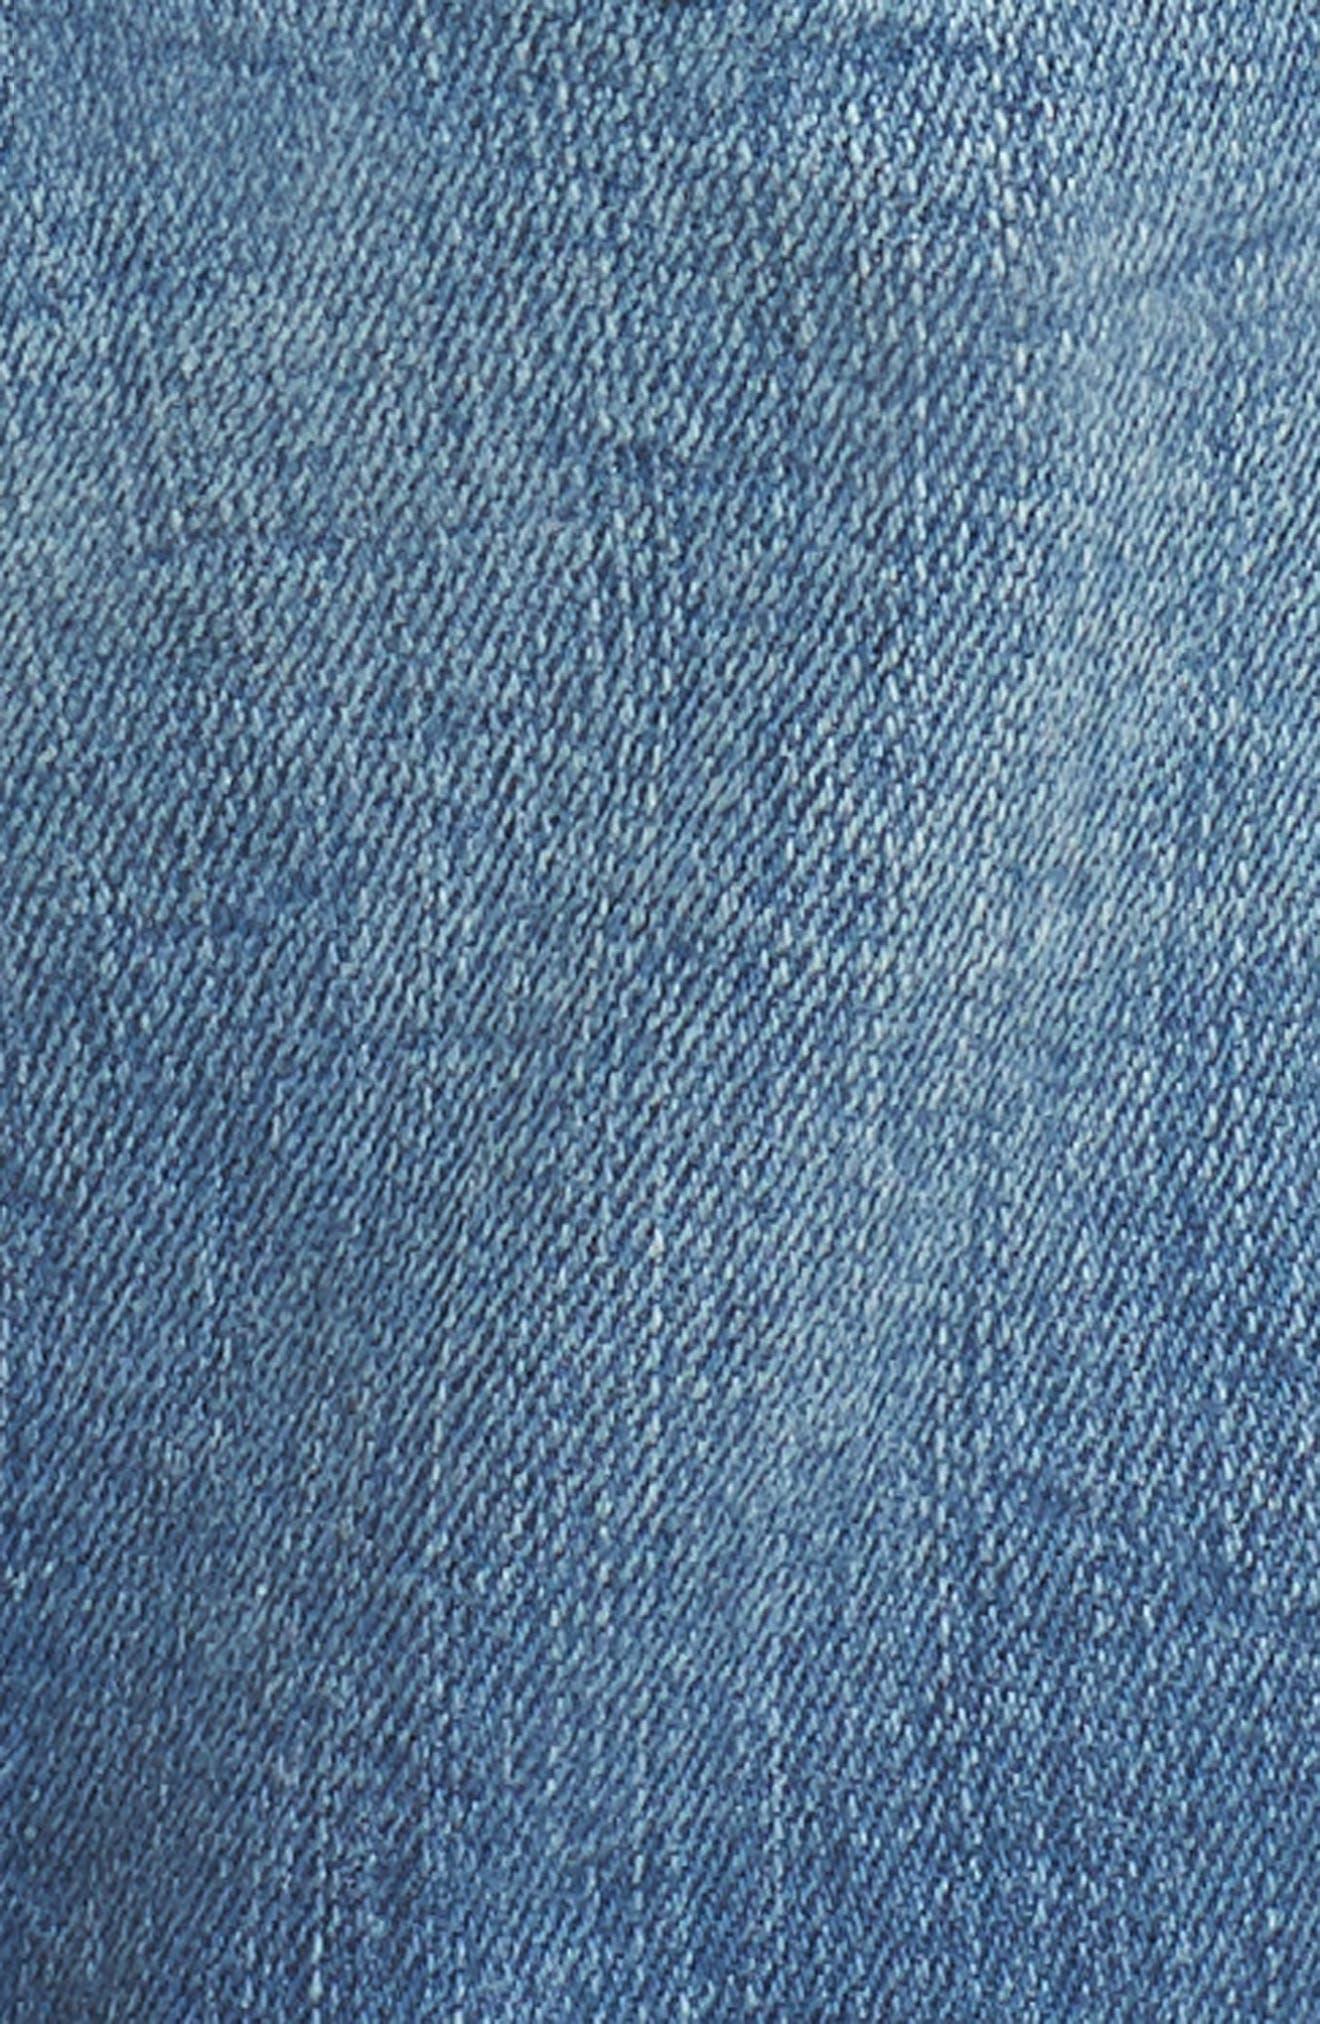 Pixie Denim Boyfriend Shorts,                             Alternate thumbnail 6, color,                             DISTRESSED VINTAGE